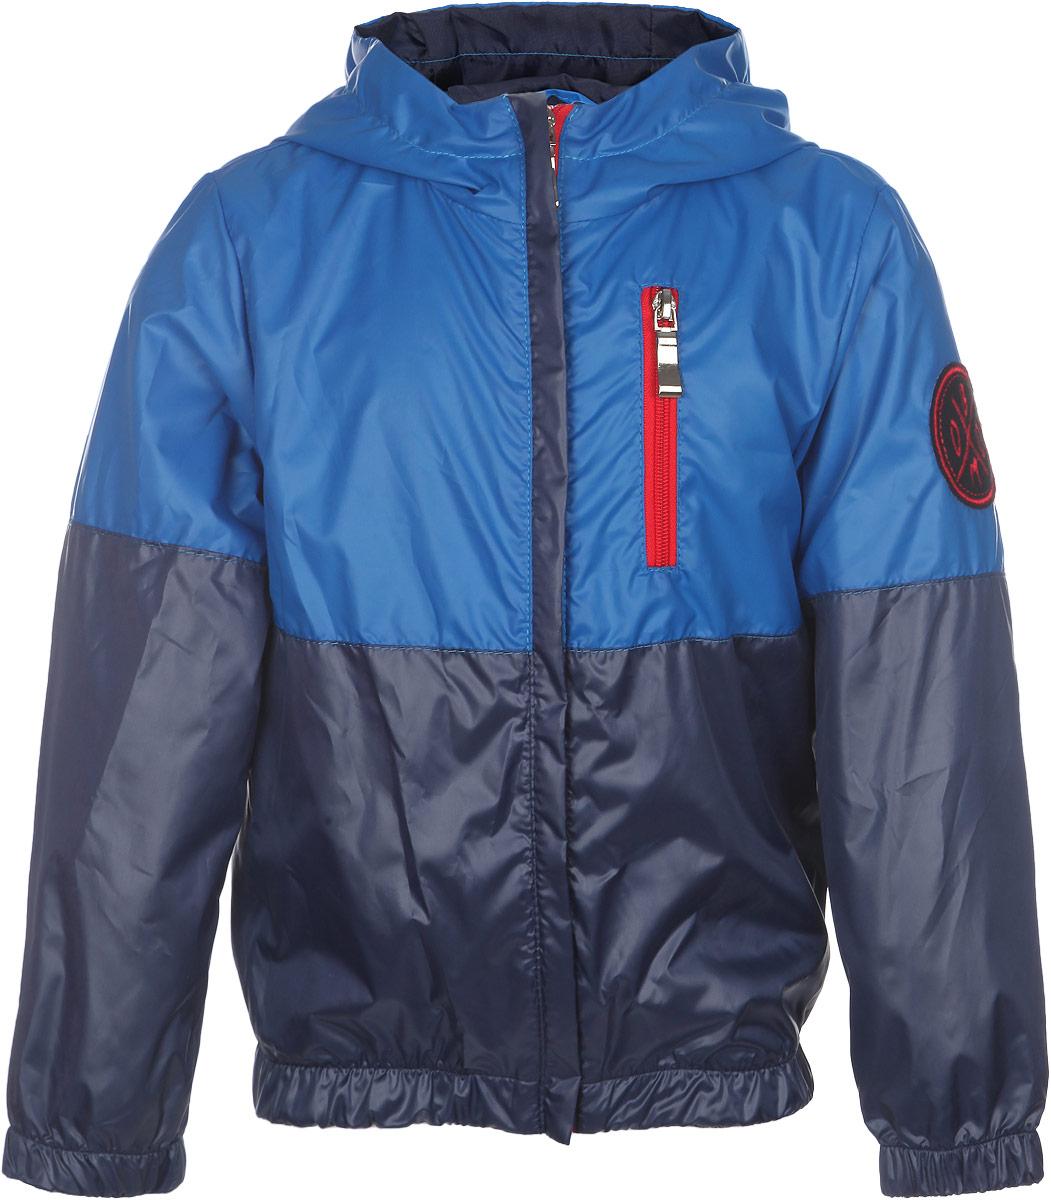 63640DM_BOB вар.1Модная куртка для мальчика Boom! станет стильным дополнением к детскому гардеробу в прохладную погоду. Модель изготовлена из водонепроницаемой и ветрозащитной ткани, на комбинированной подкладке из полиэстера с добавлением вискозы. Куртка мягкая и приятная на ощупь, не сковывает движения, легко стирается и быстро сушится. Куртка с капюшоном застегивается на пластиковую молнию с защитой подбородка. Капюшон не отстегивается. На груди расположен карман на застежке-молнии. Модель украшена нашивкой на левом рукаве. Изделие дополнено светоотражающим элементом для безопасности ребенка в темное время суток. Легкая, удобная и практичная куртка идеально подойдет для прогулок и игр на свежем воздухе!